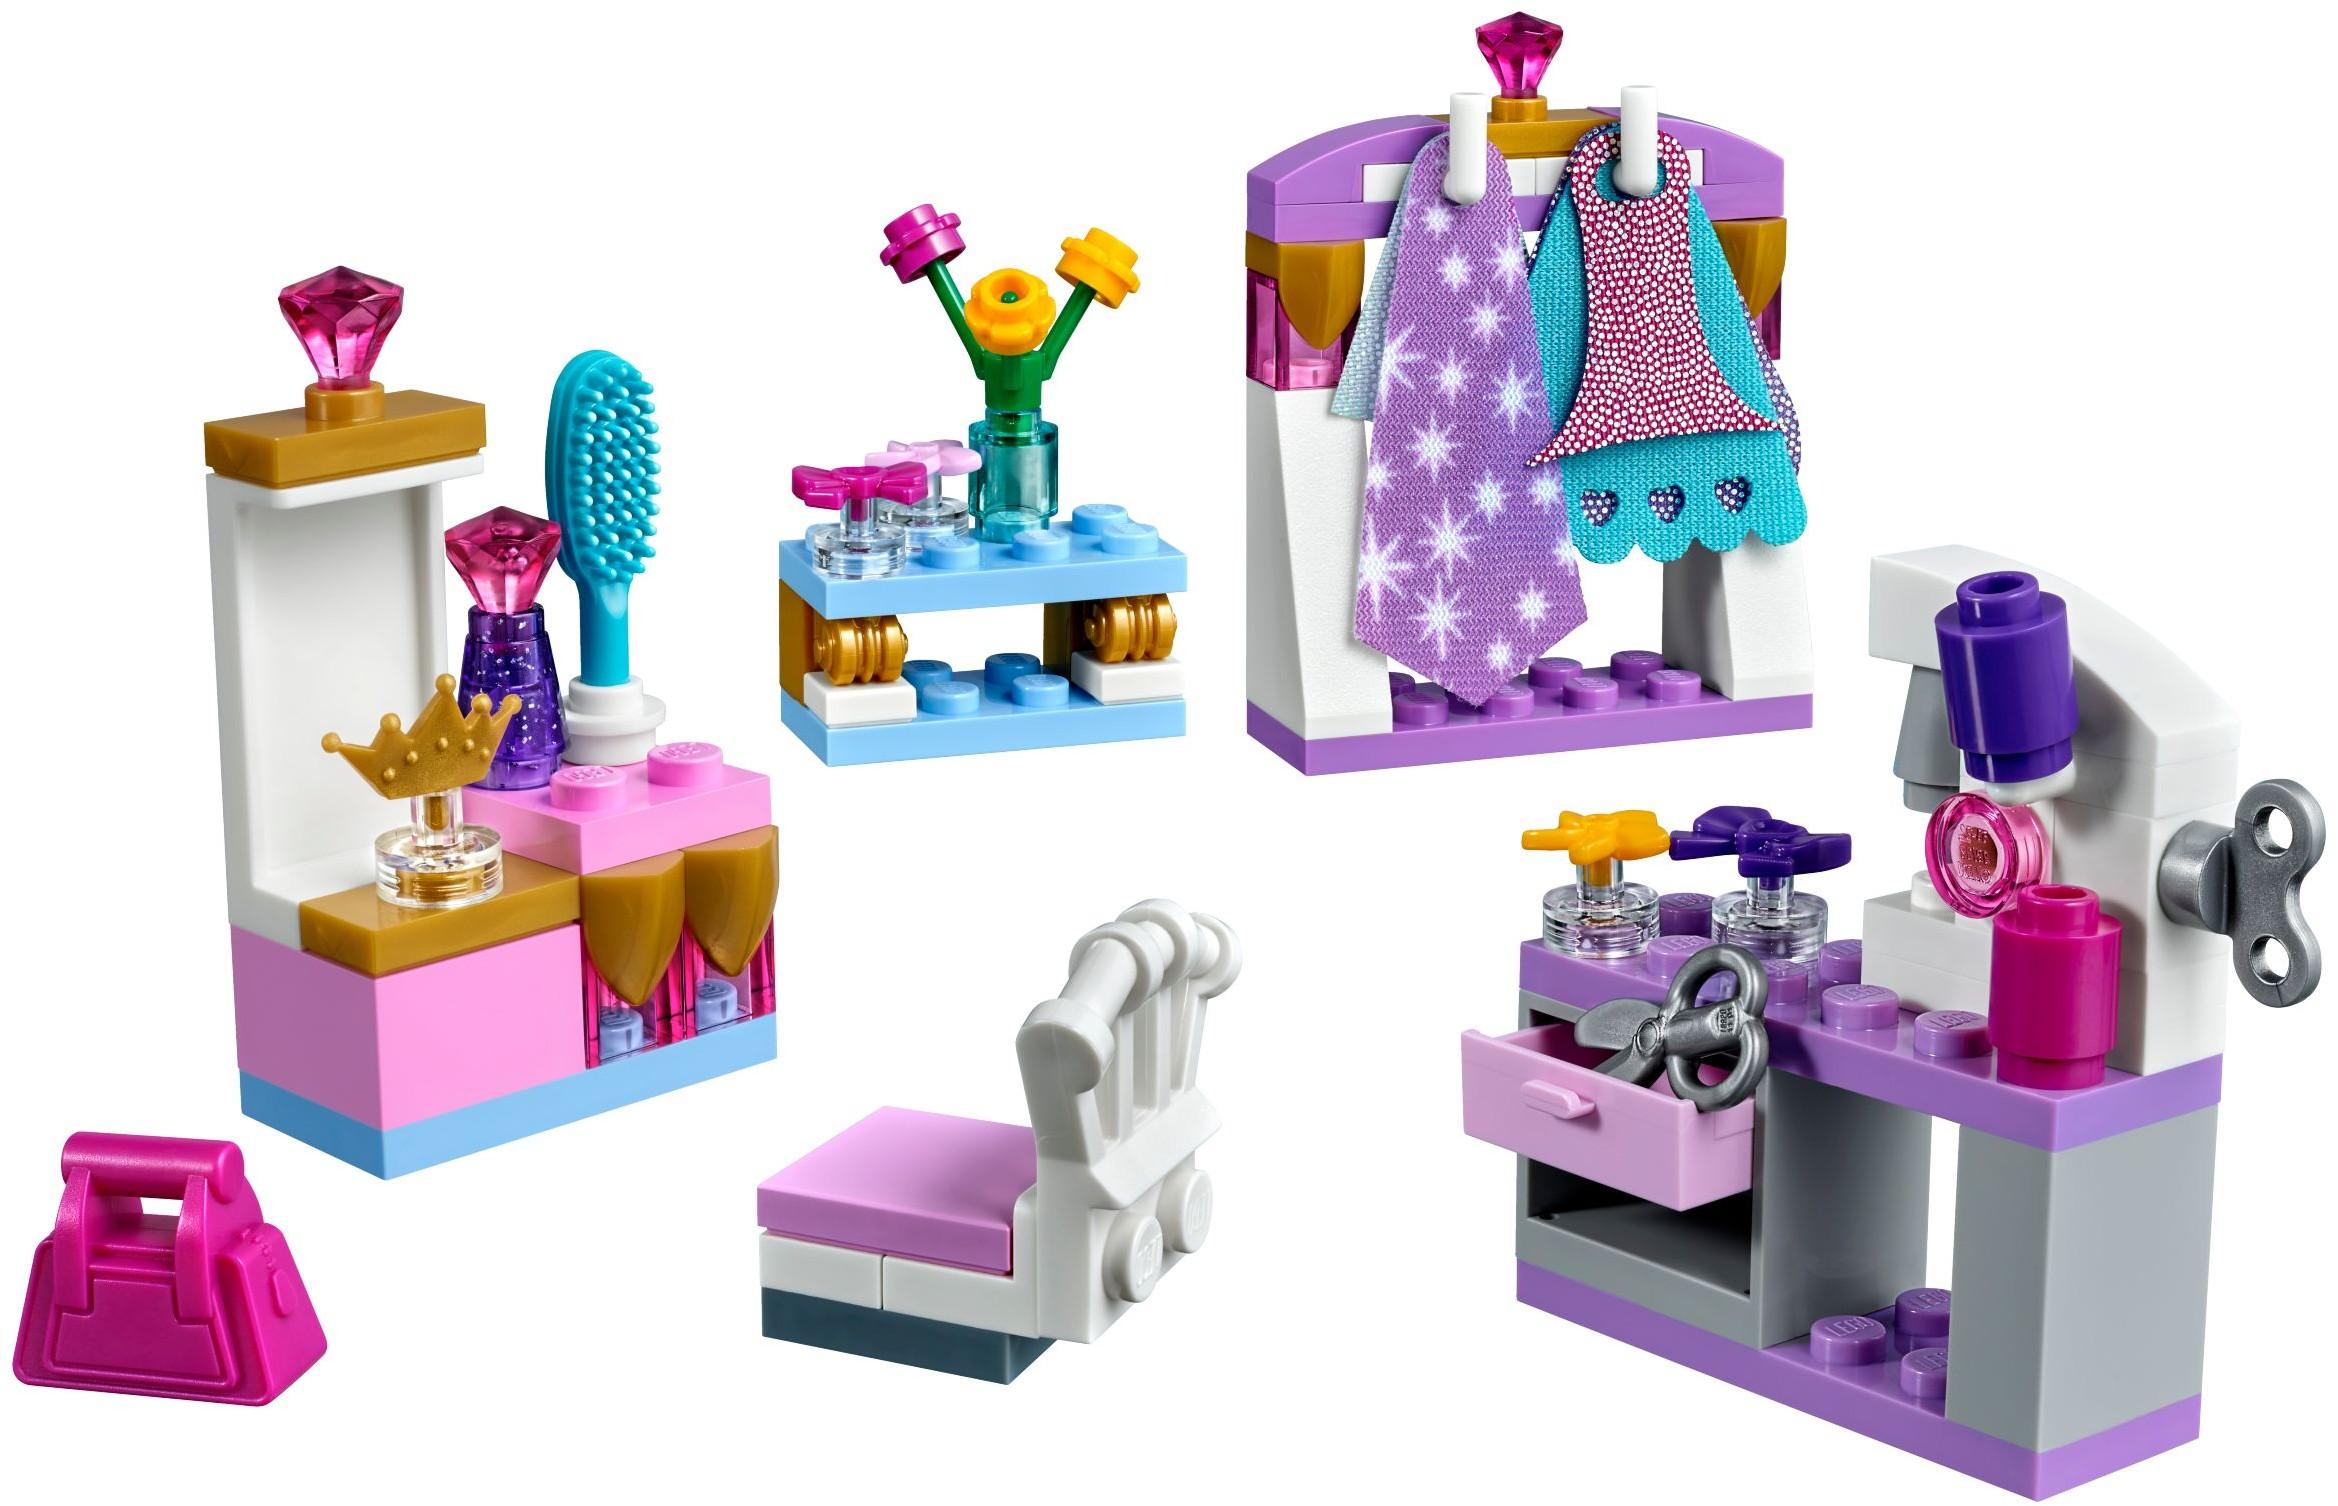 Disney   Brickset: LEGO set guide and database